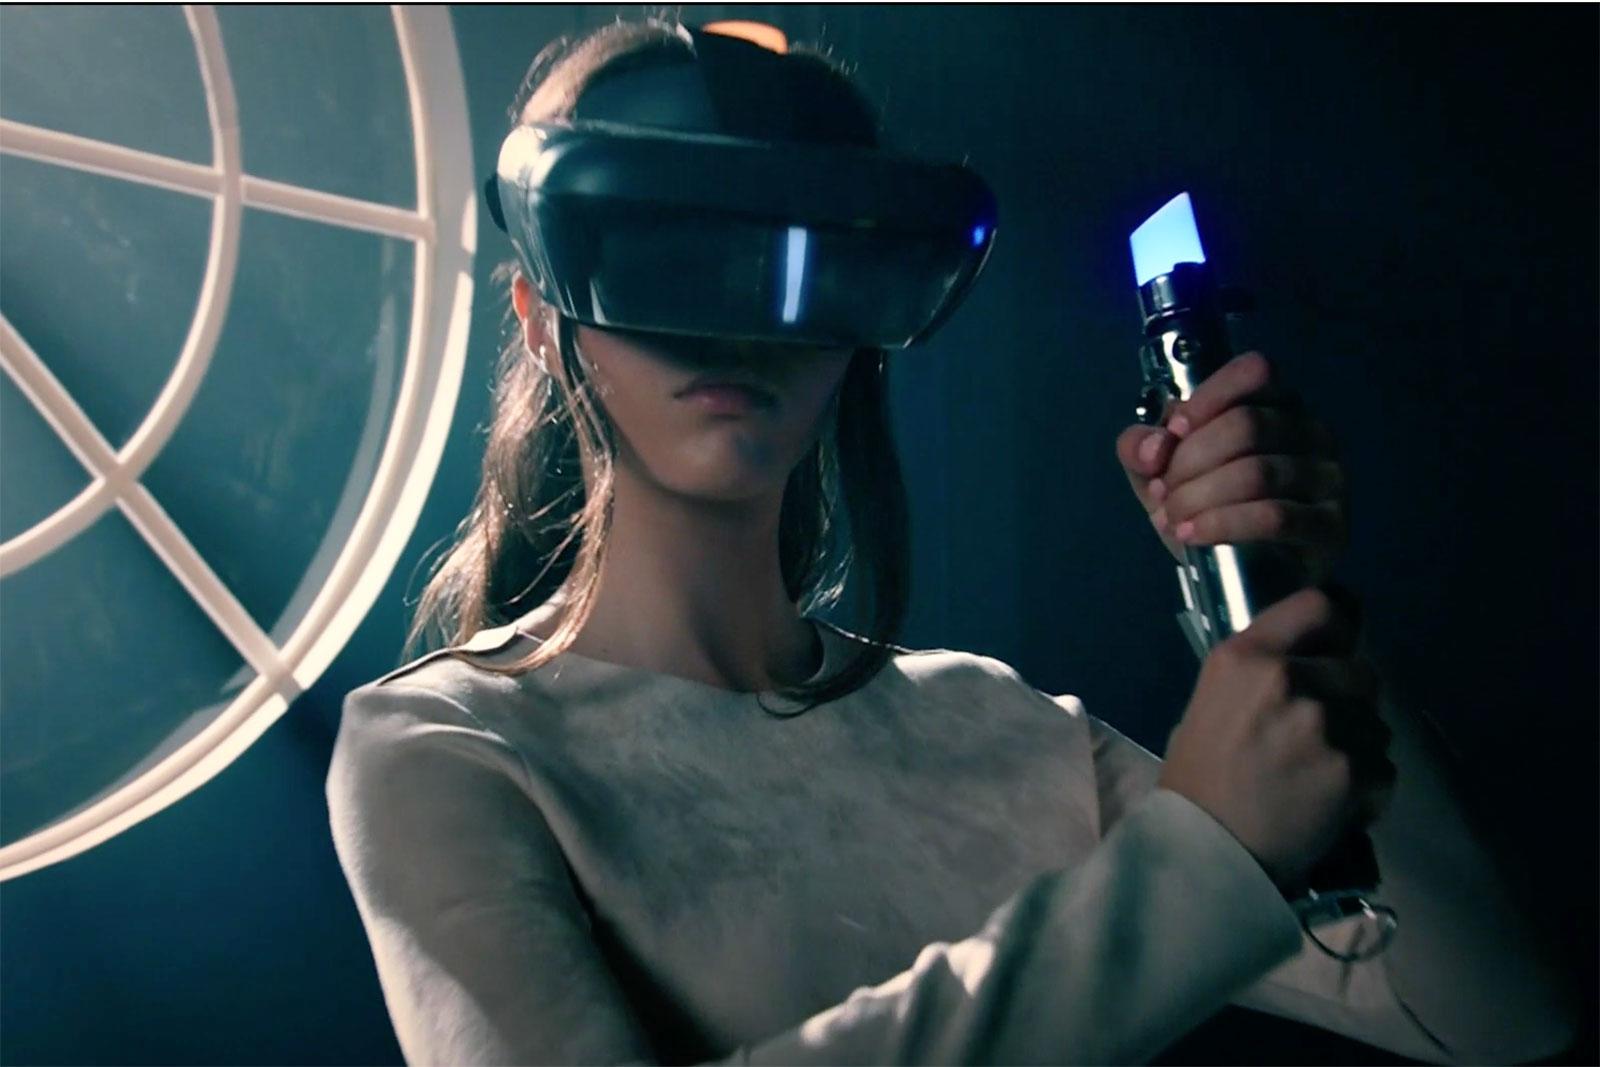 联想为《星球大战》游戏制造AR头盔